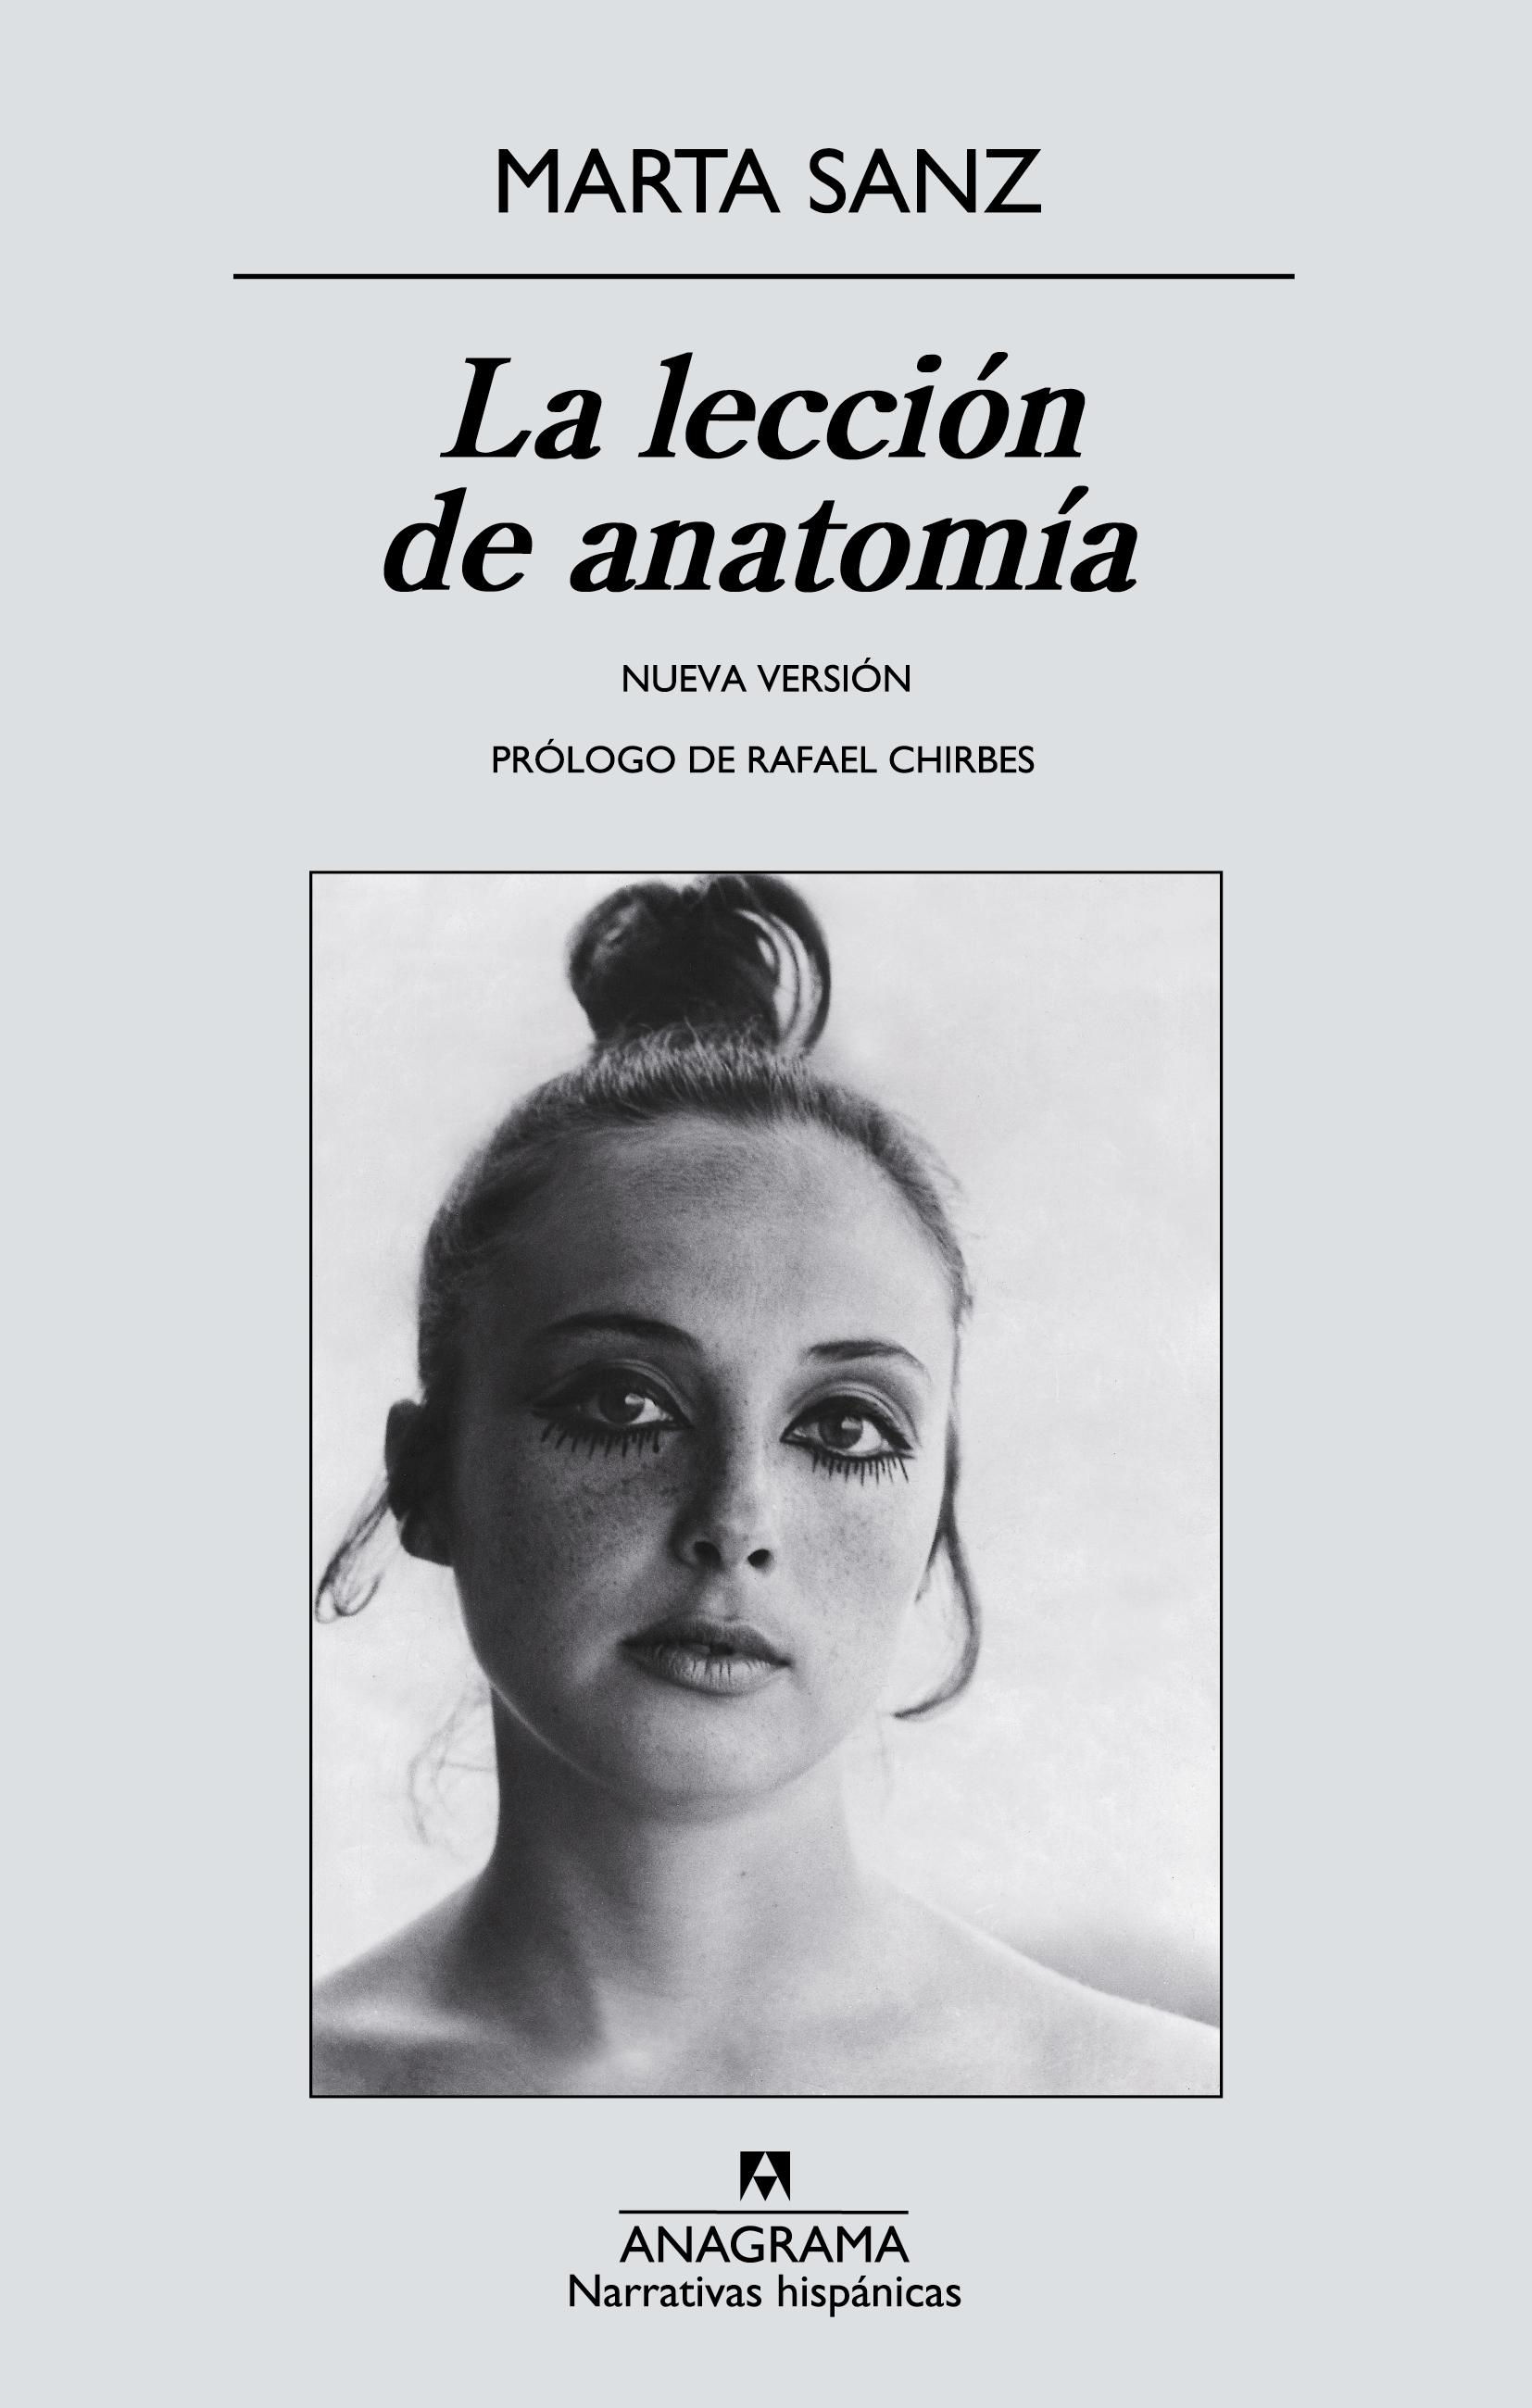 La lección de anatomía - Editorial Anagrama